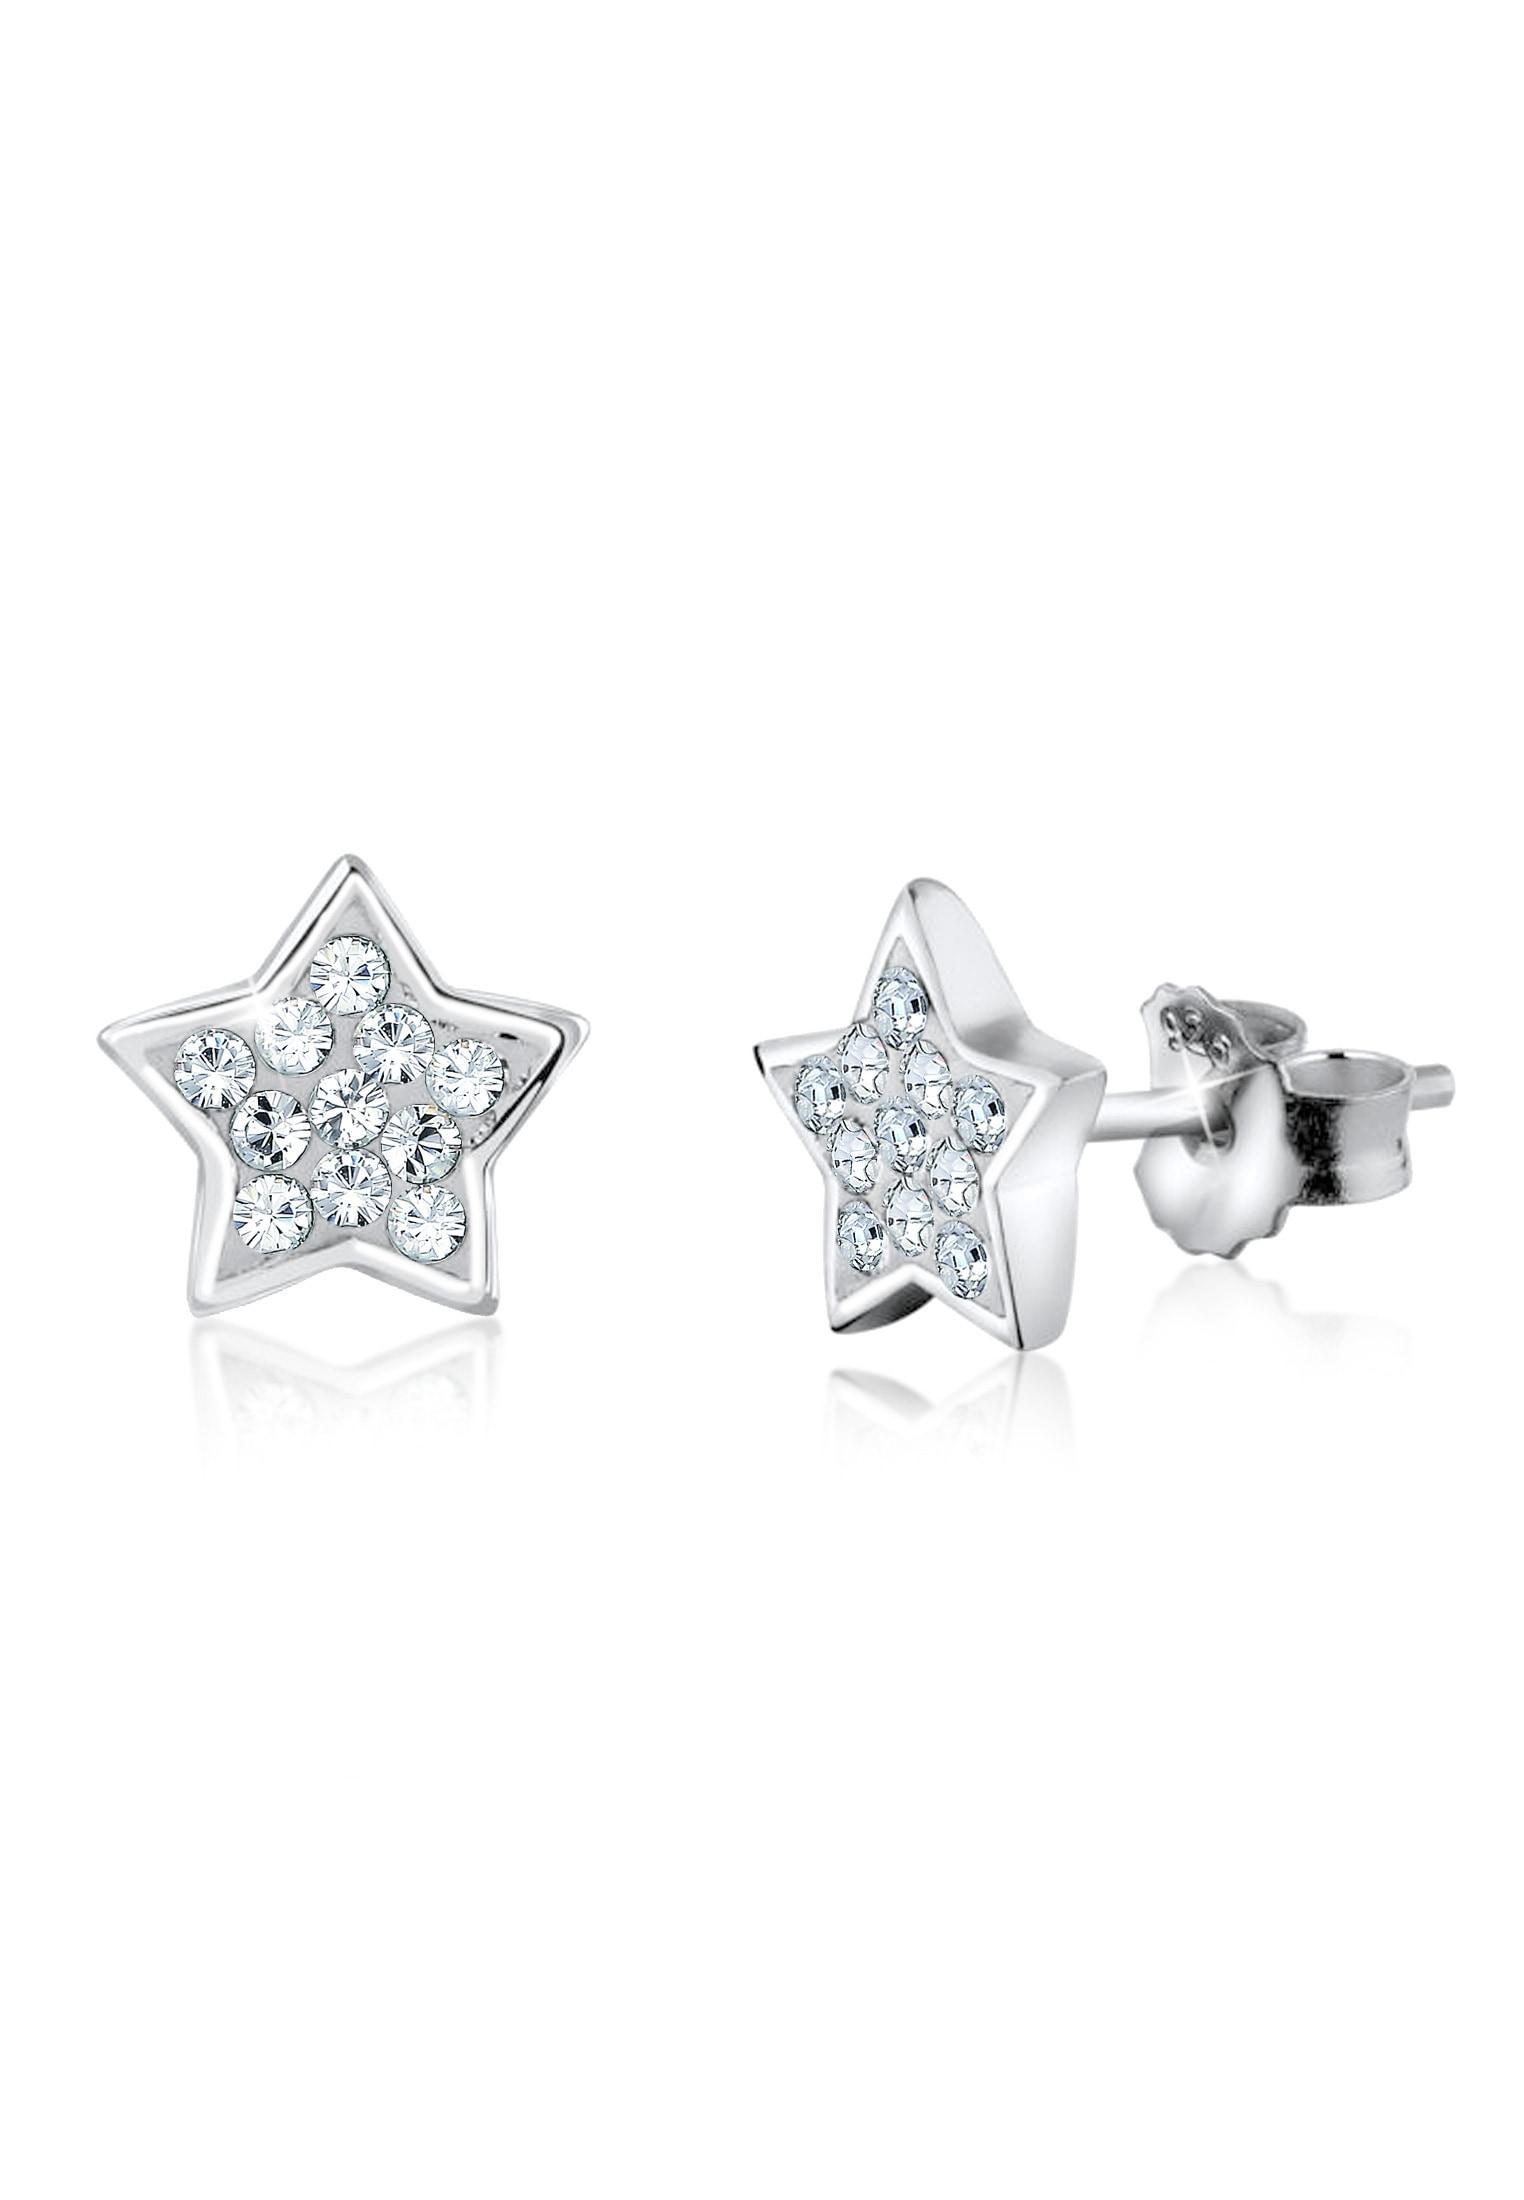 Nenalina Paar Ohrstecker Stern Ohrstecker Swarovski Kristalle 925 Silber | Schmuck > Ohrschmuck & Ohrringe > Ohrstecker | Nenalina